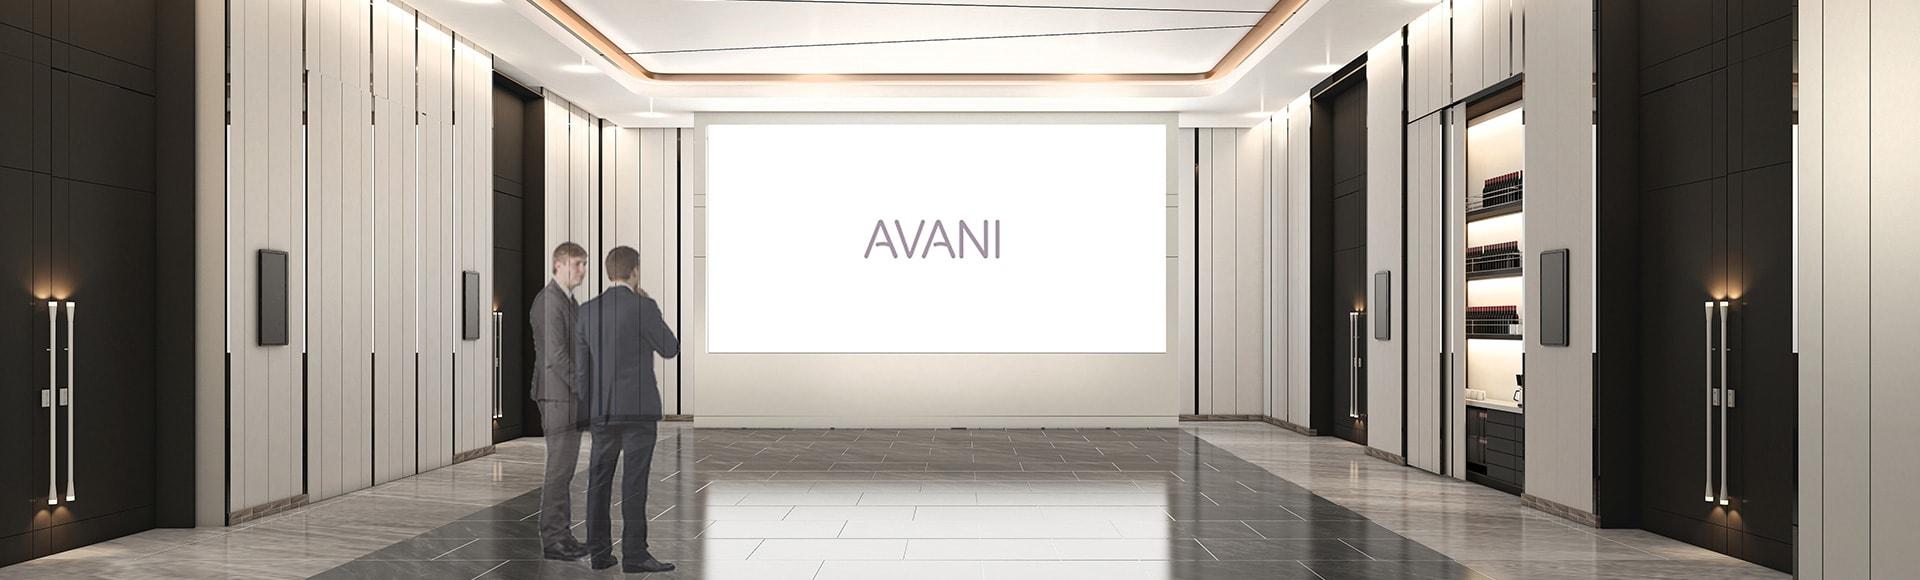 Contact at Avani Sukhumvit Bangkok Hotel